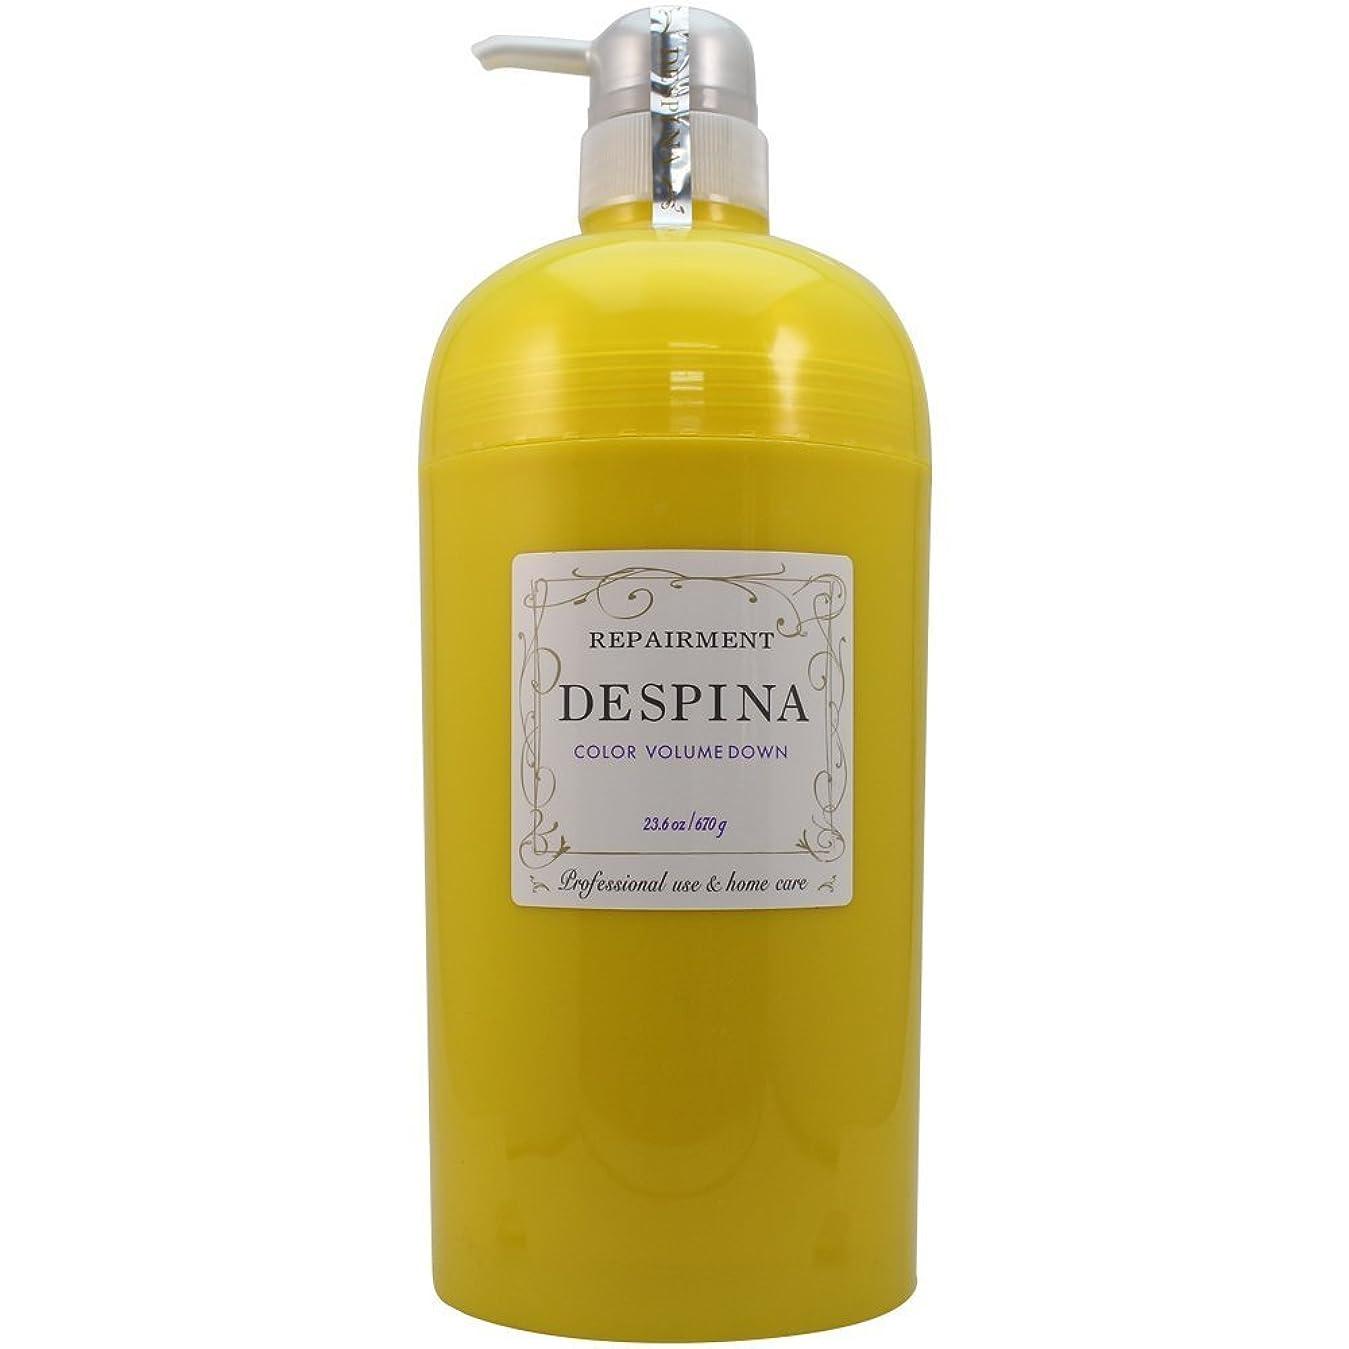 注釈キャンバス発明中野製薬 デスピナ リペアメント カラー ボリュームダウン 670g